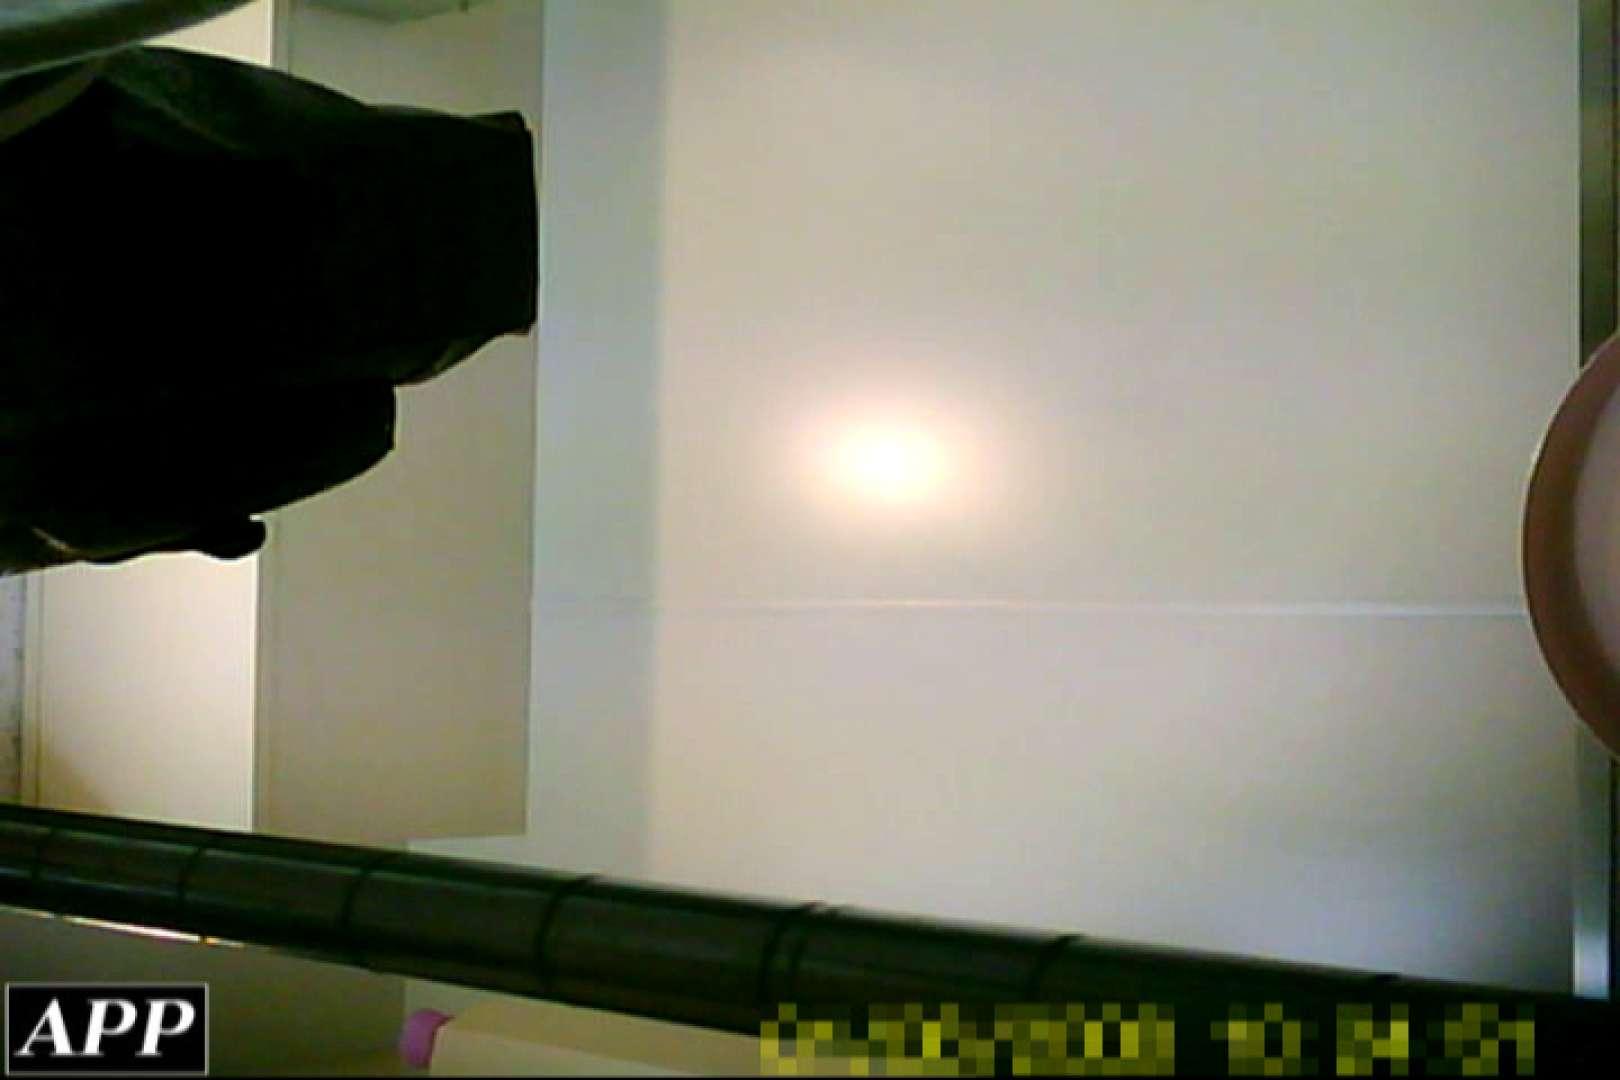 3視点洗面所 vol.87 オマンコもろ のぞき動画キャプチャ 92PIX 38